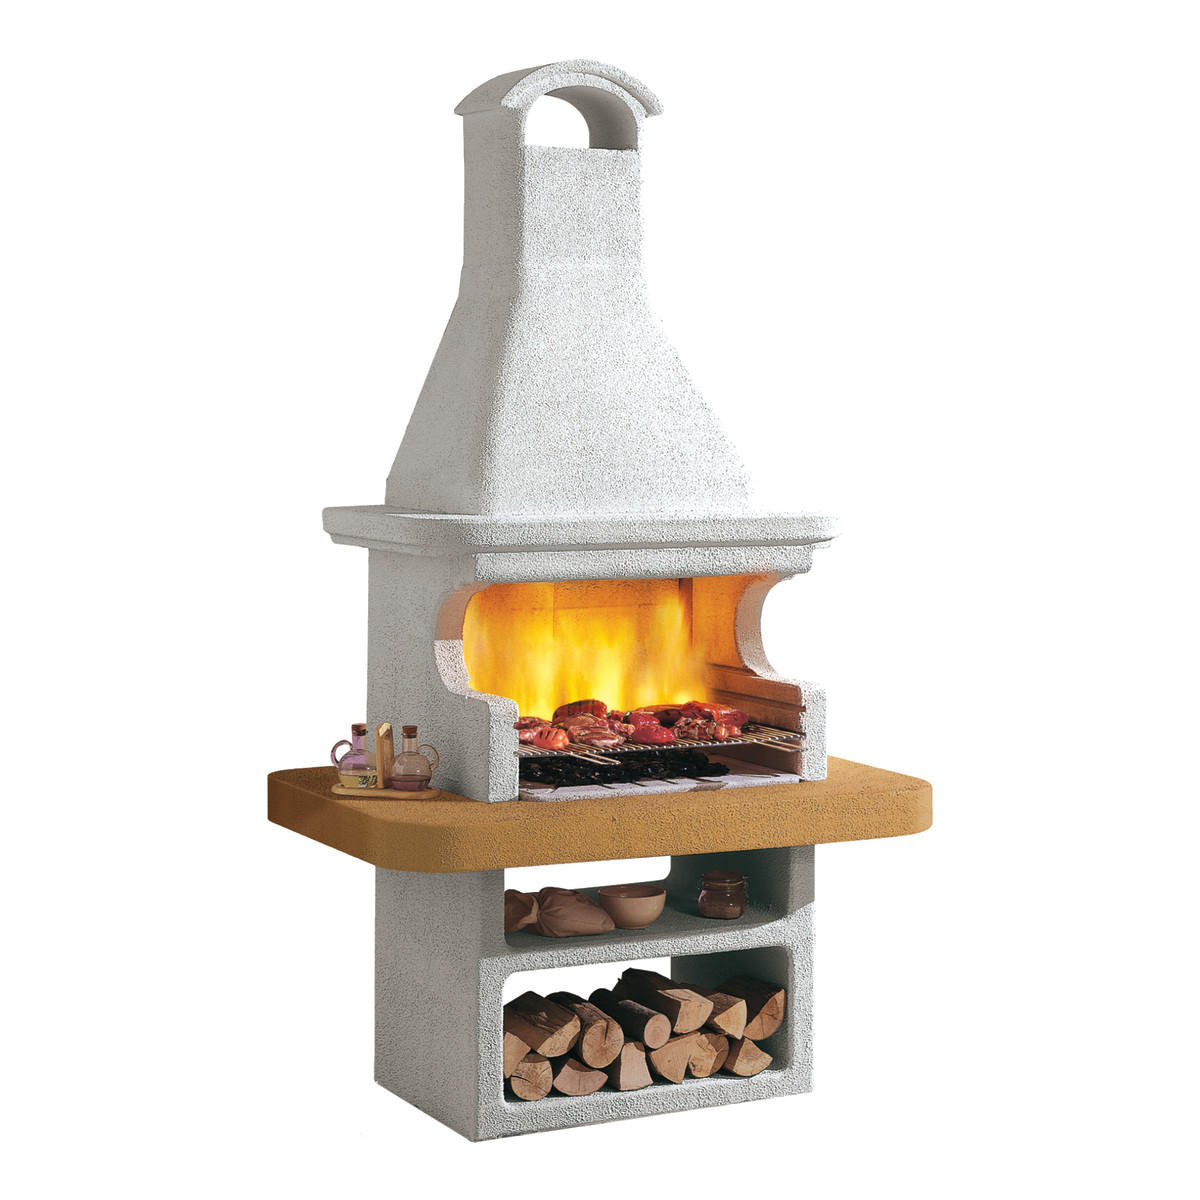 Barbecue in muratura con cappa portorose prezzi e offerte online - Barbecue da esterno prezzi ...